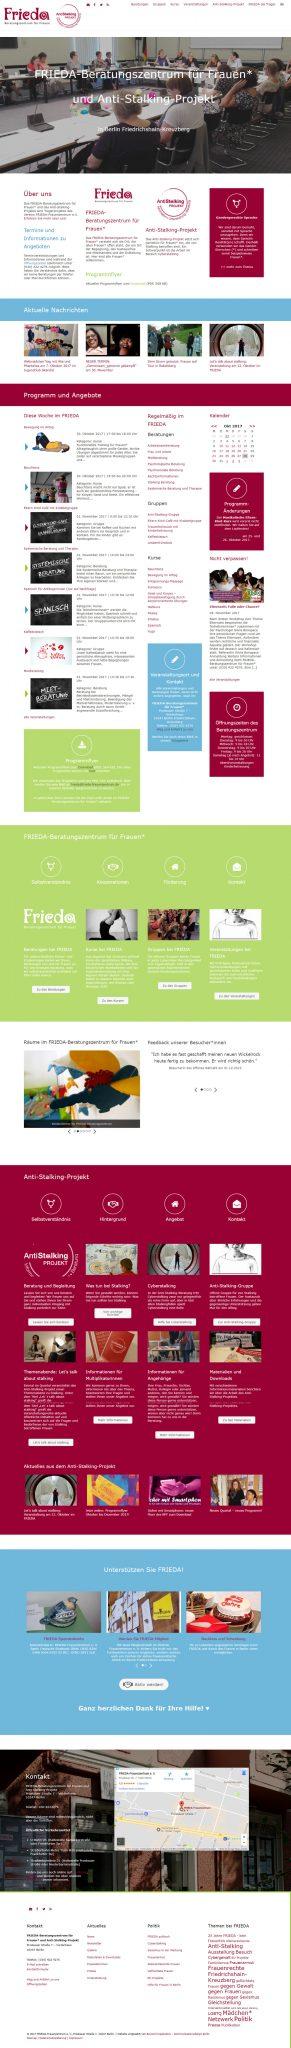 Screenshot der Startseite der neuen FRIEDA-Website seit Dezember 2017